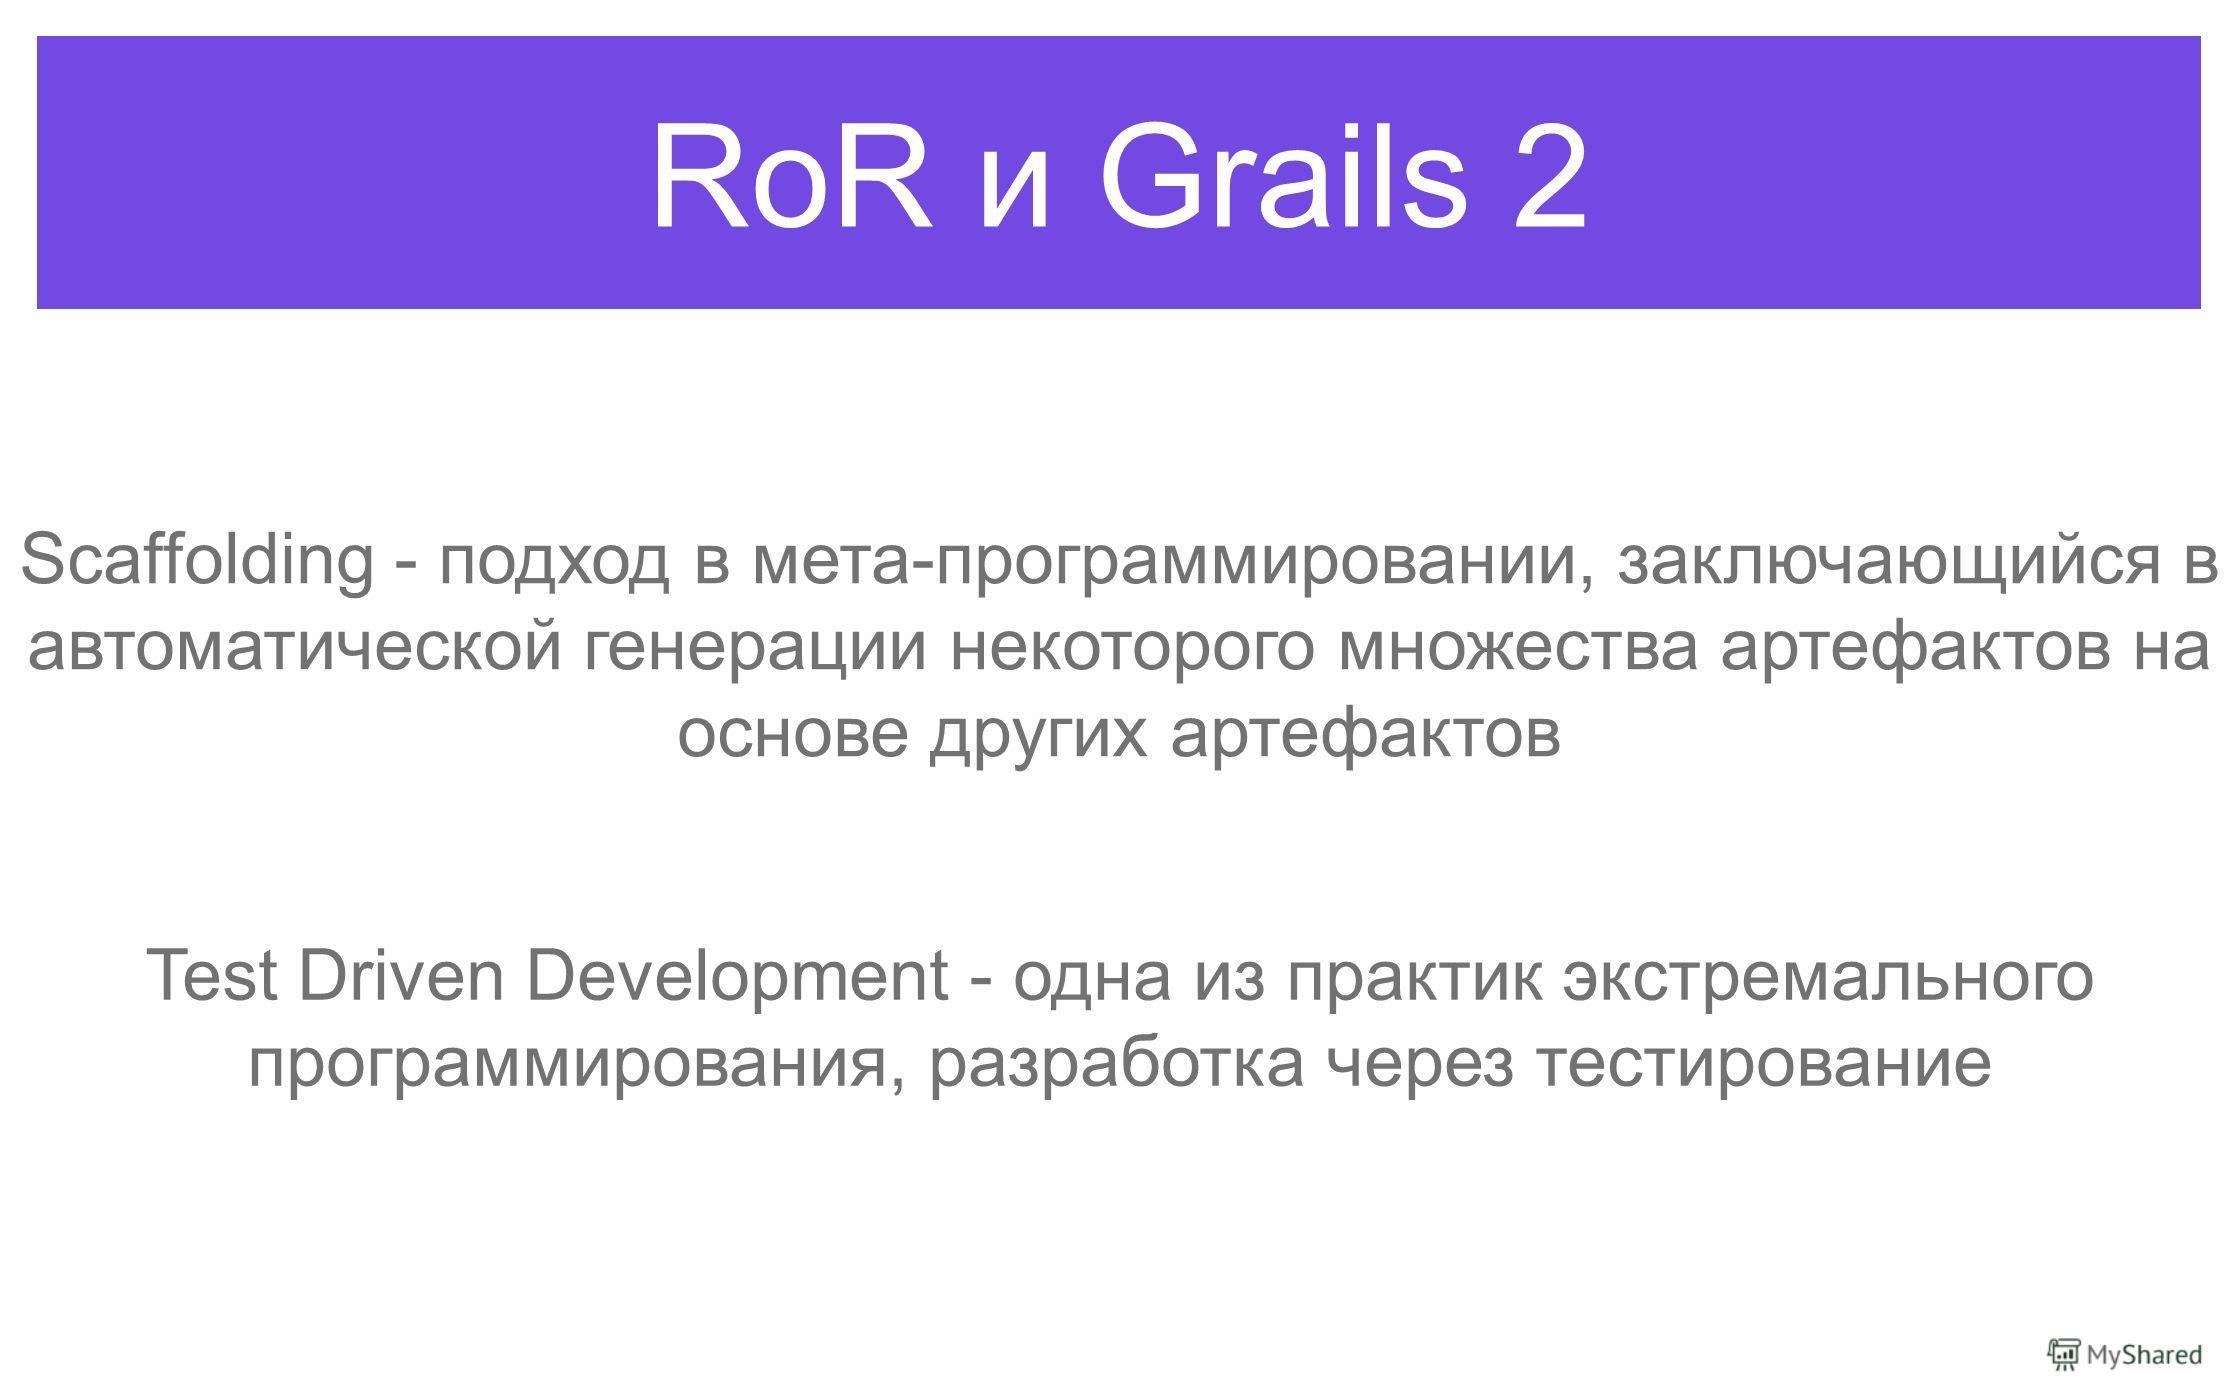 RoR и Grails 2 Scaffolding - подход в мета-программировании, заключающийся в автоматической генерации некоторого множества артефактов на основе других артефактов Test Driven Development - одна из практик экстремального программирования, разработка че